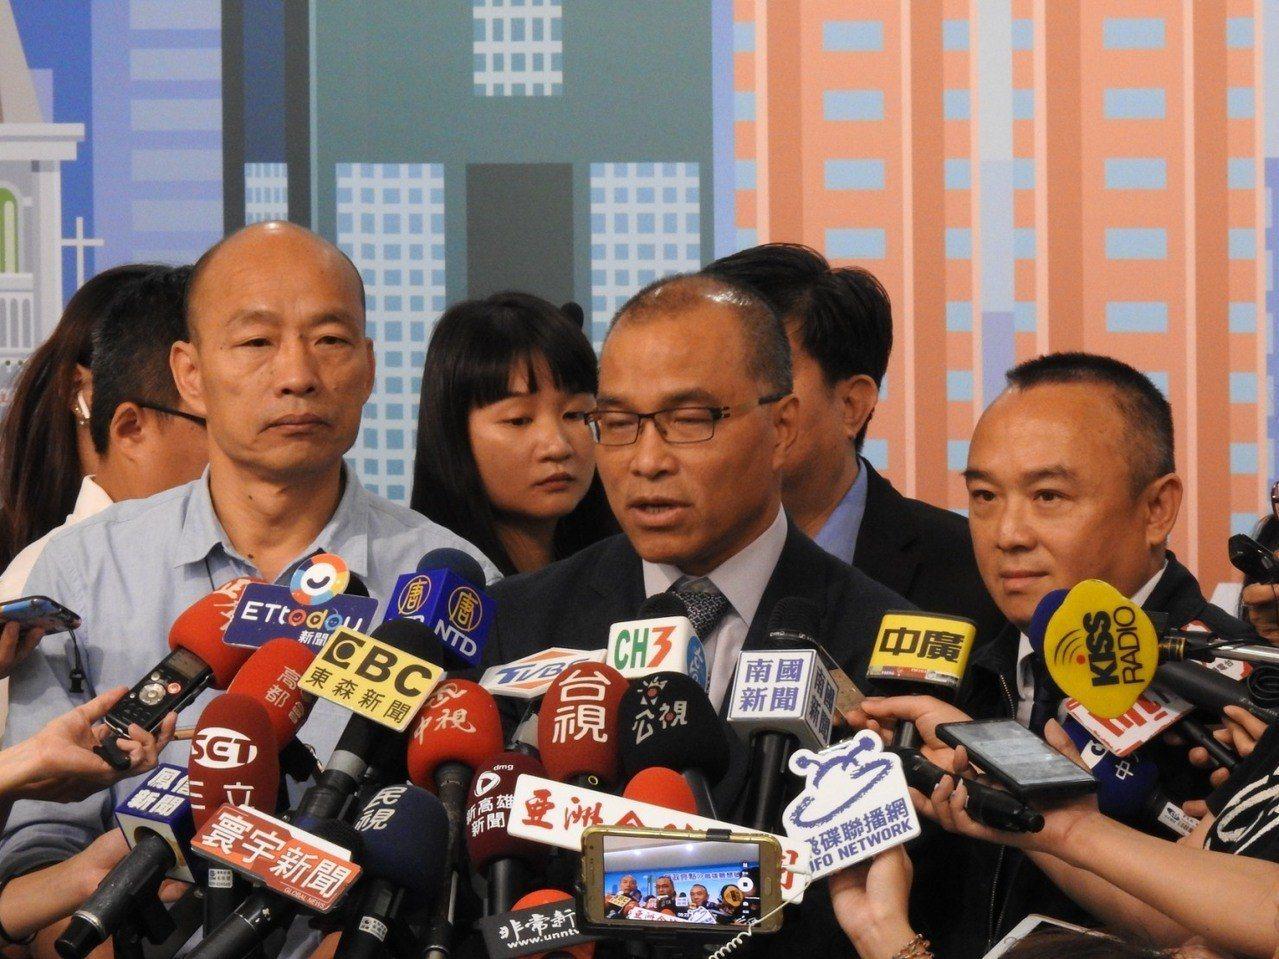 高雄市長韓國施政成果報告記者會後,副市長葉匡時報告調查結果,並要潘恒旭正式道歉。...